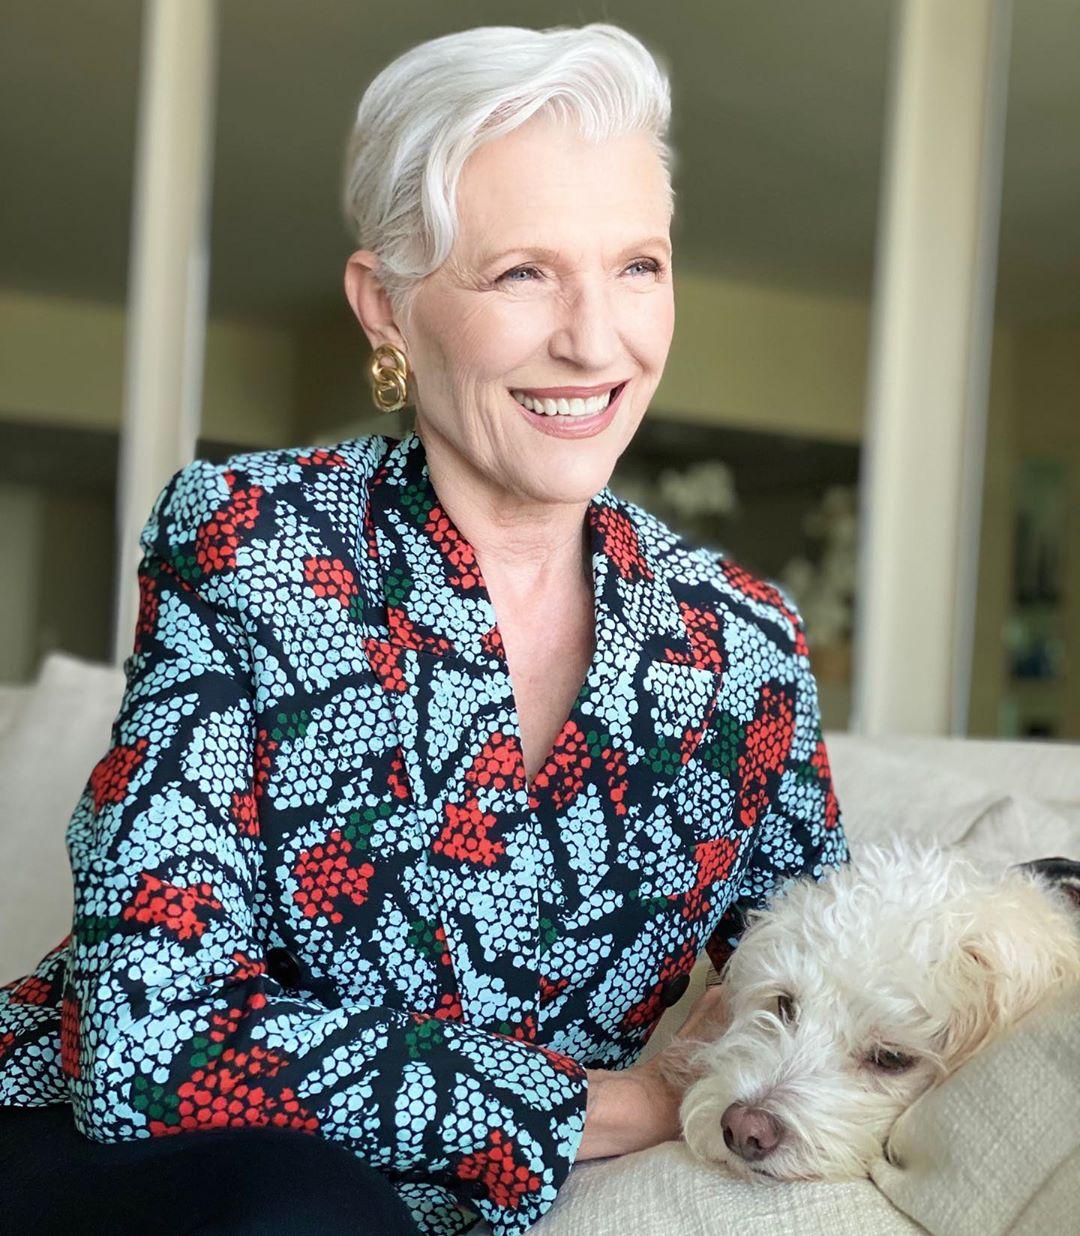 """Cụ bà 72 tuổi chia sẻ 3 bước skincare quan trọng nhất của cuộc đời: """"Mới 15 tuổi, tôi đã biết chống nắng từ đầu tới chân"""" - Ảnh 3."""